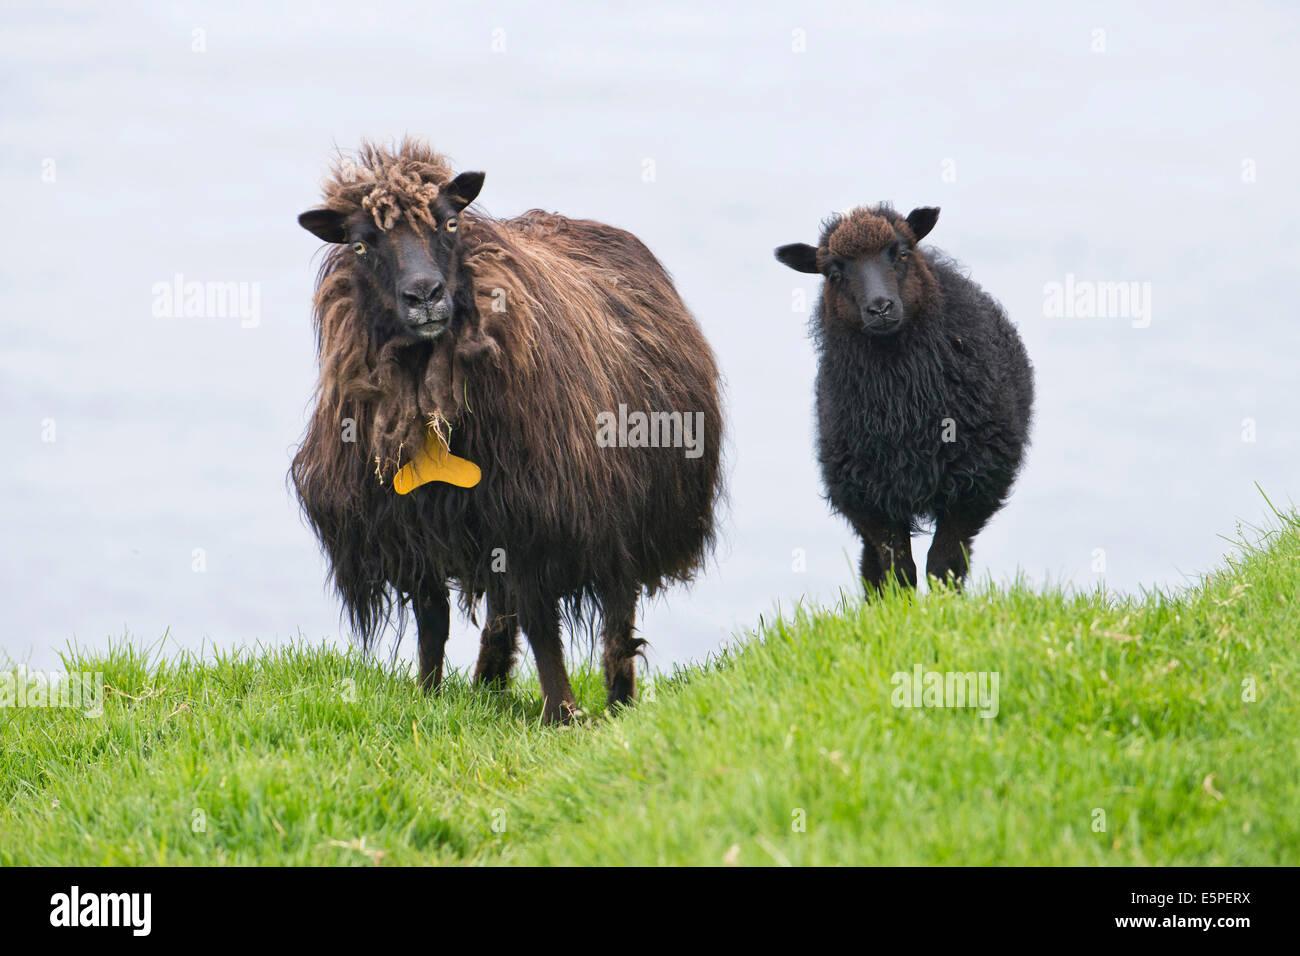 Ewe with lamb, Faroe Islands, Denmark - Stock Image